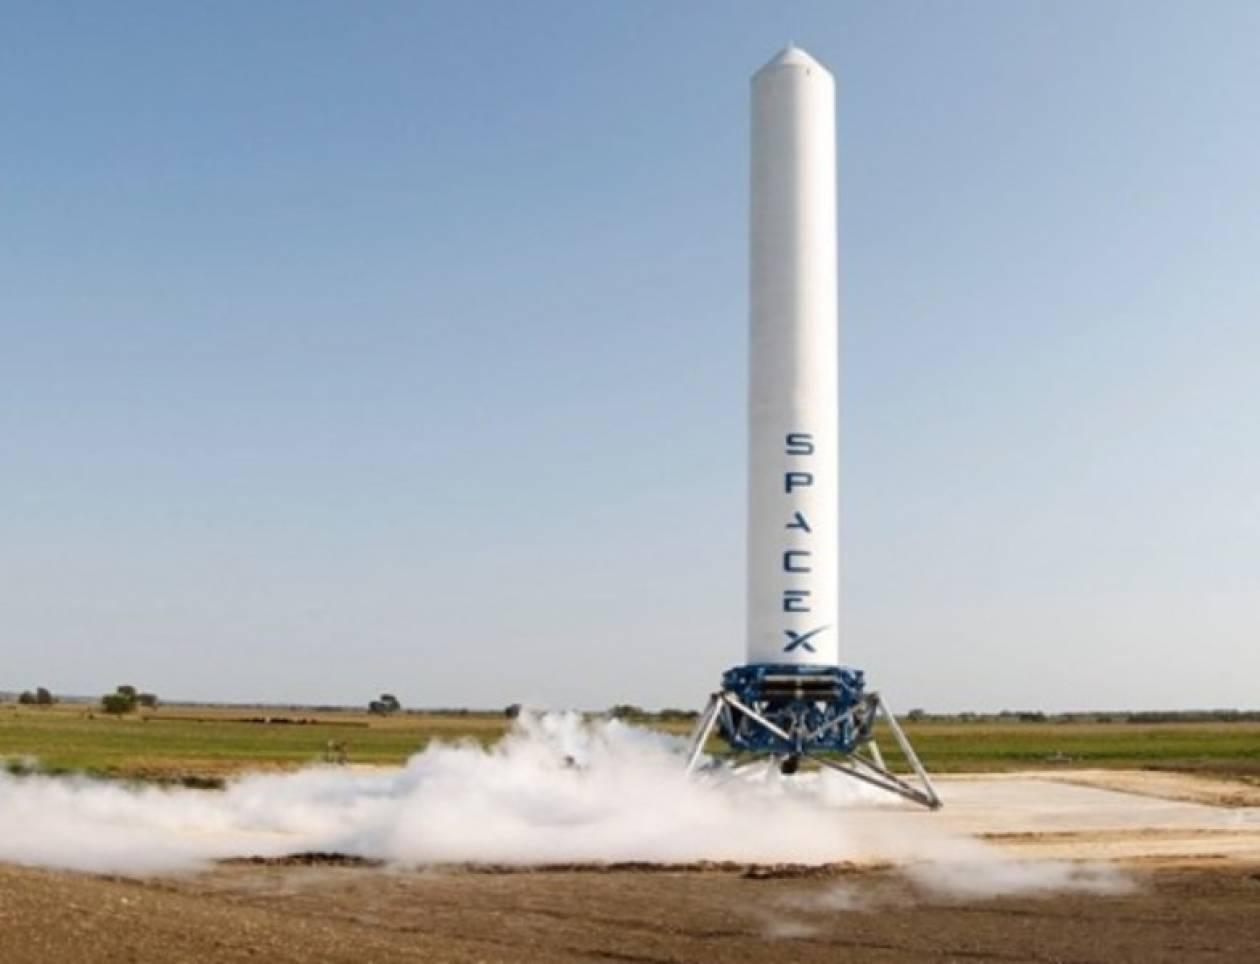 Εντυπωσιακό βίντεο πυραύλου κατακόρυφης προσεδάφισης!